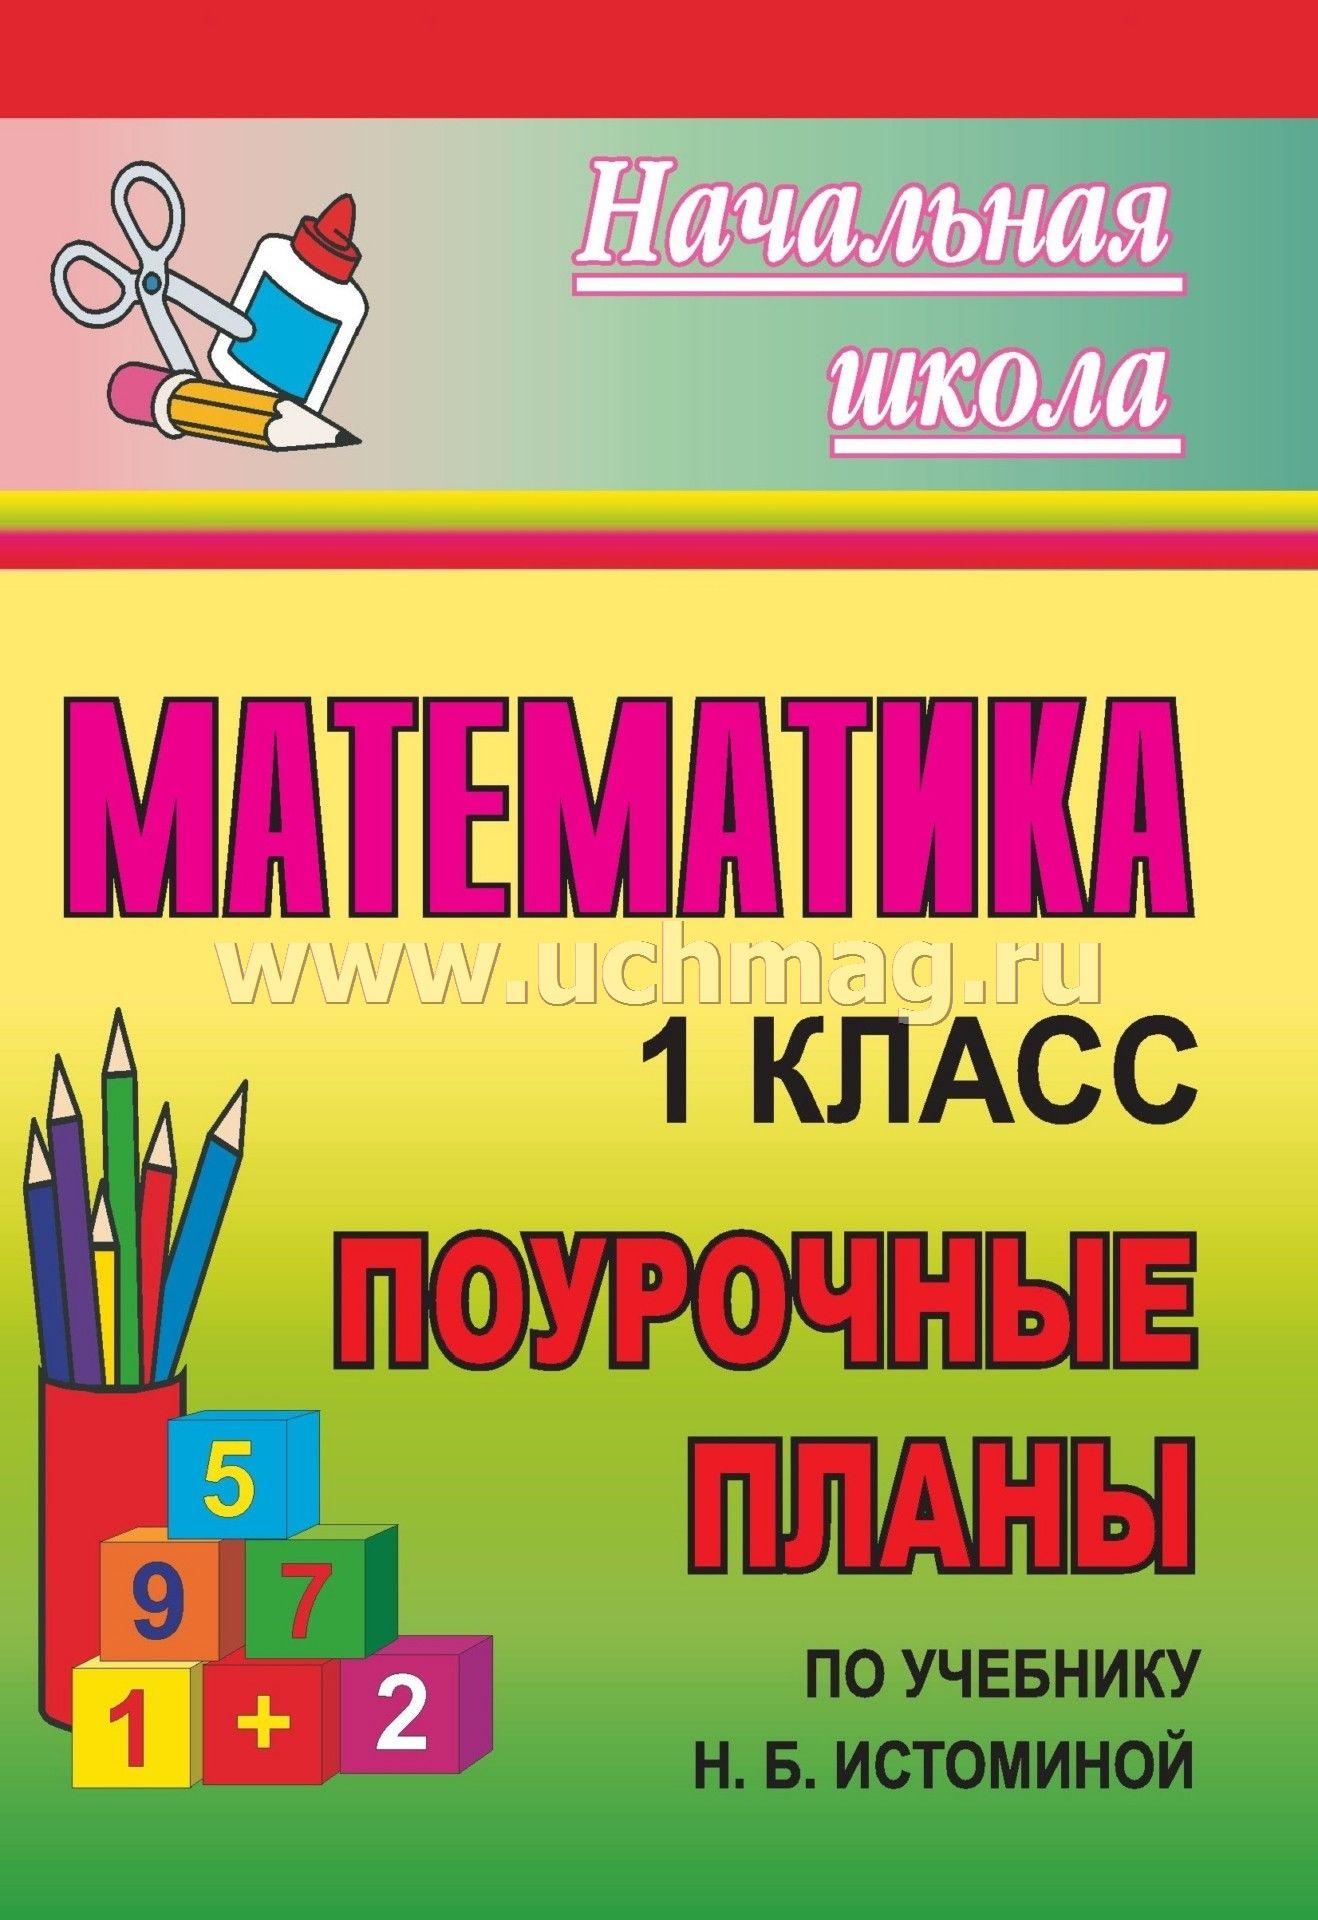 поурочные методические рекомендации по математике по истоминой 1 класса ч